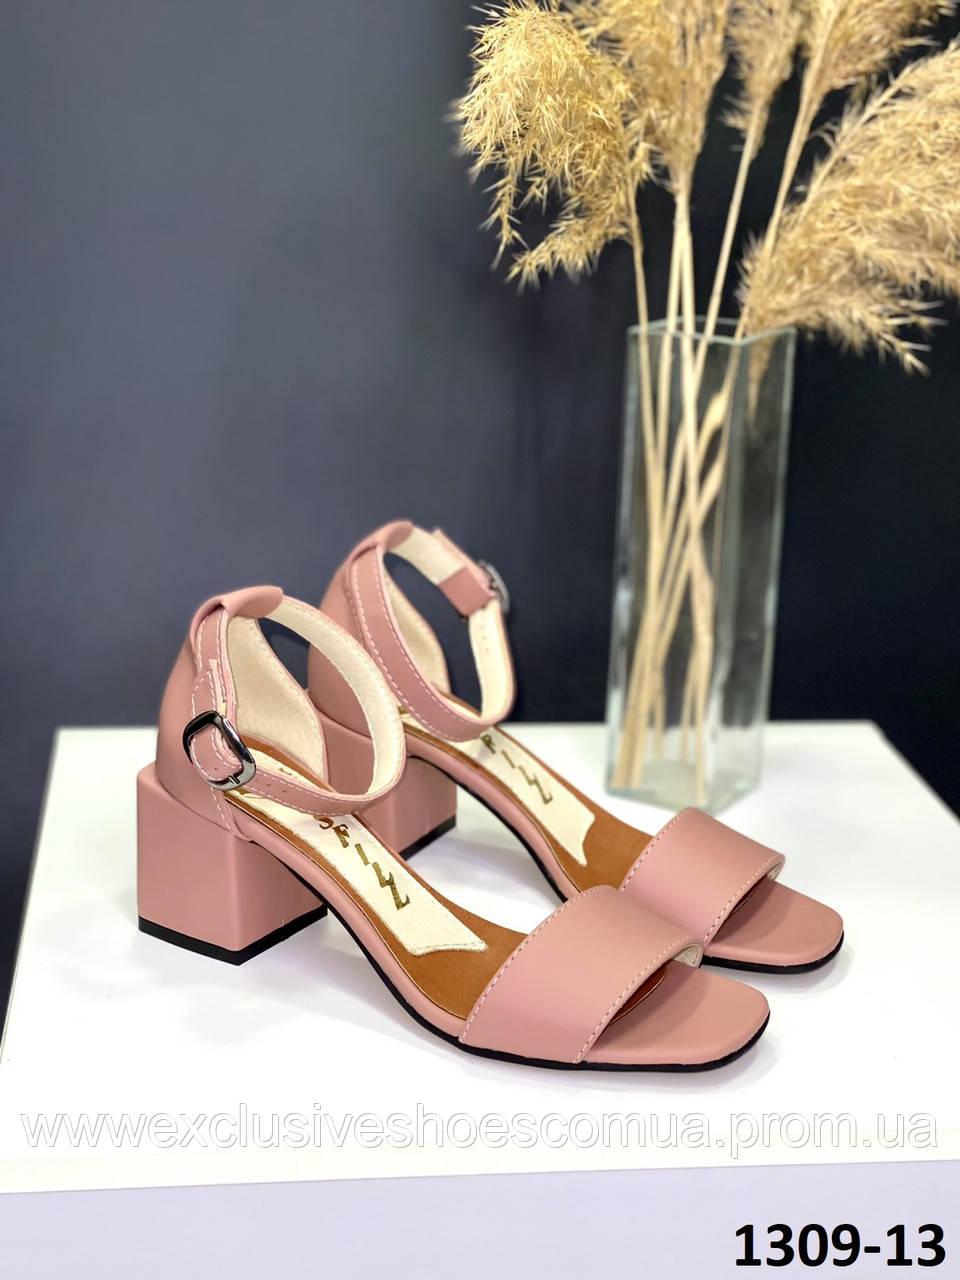 Босоножки женские кожаные розовые на квадратном каблуке